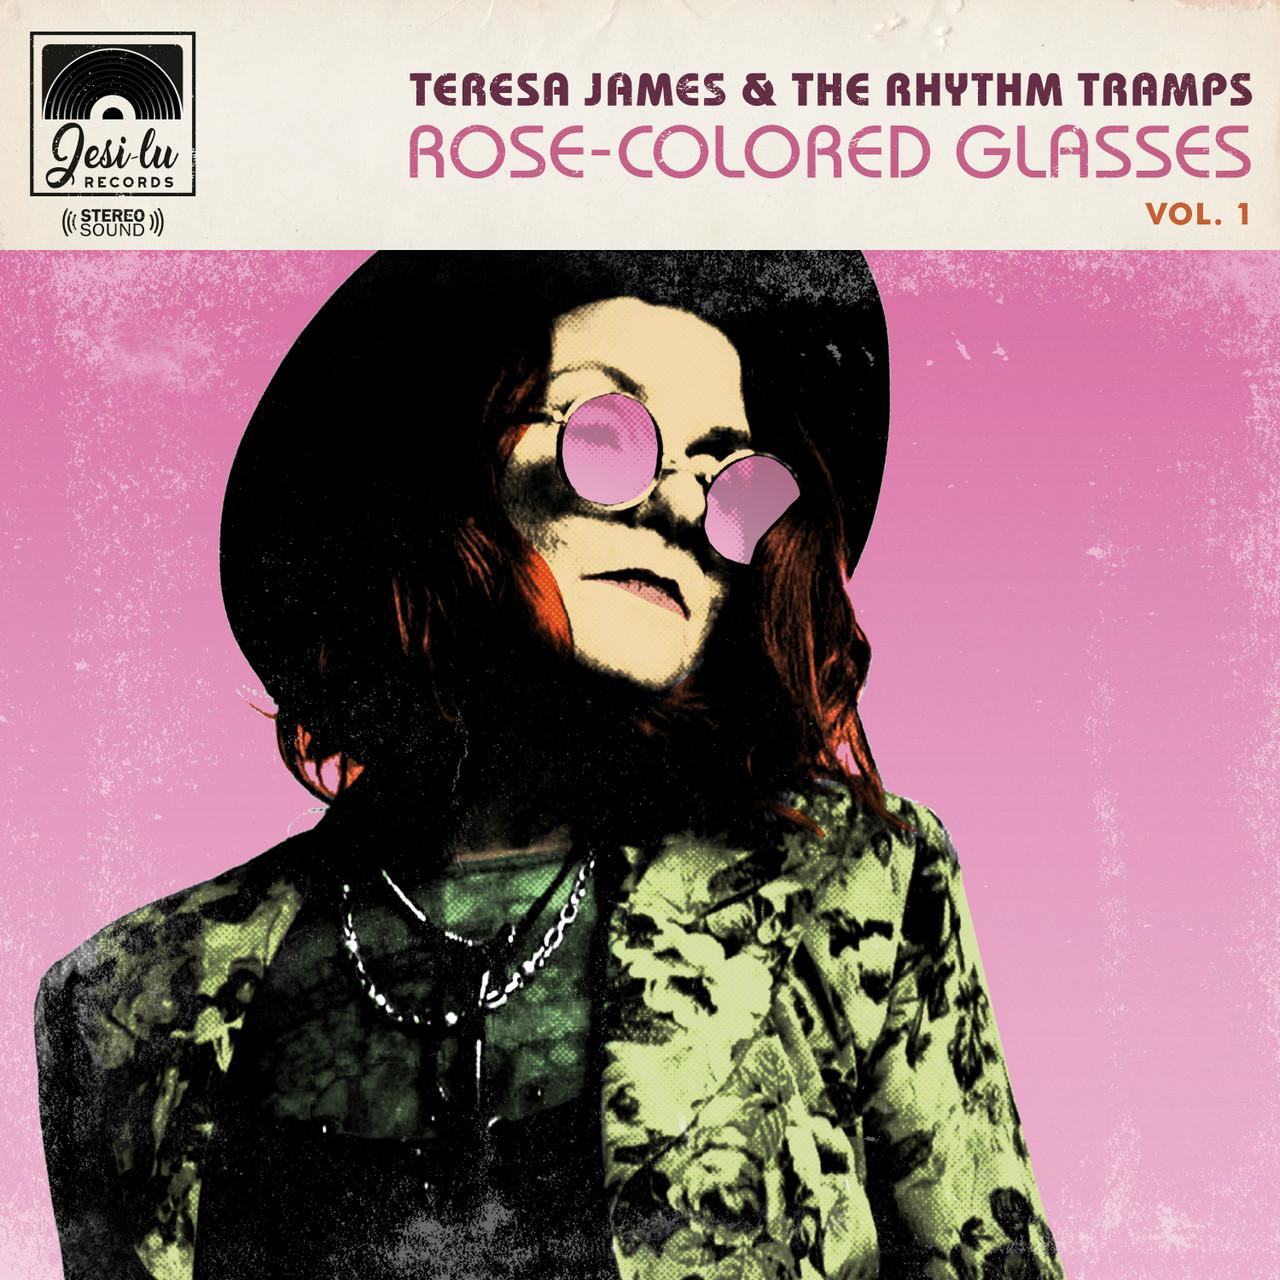 TERESA JAMES - ROSE- COLORED GLASSES VOL 1